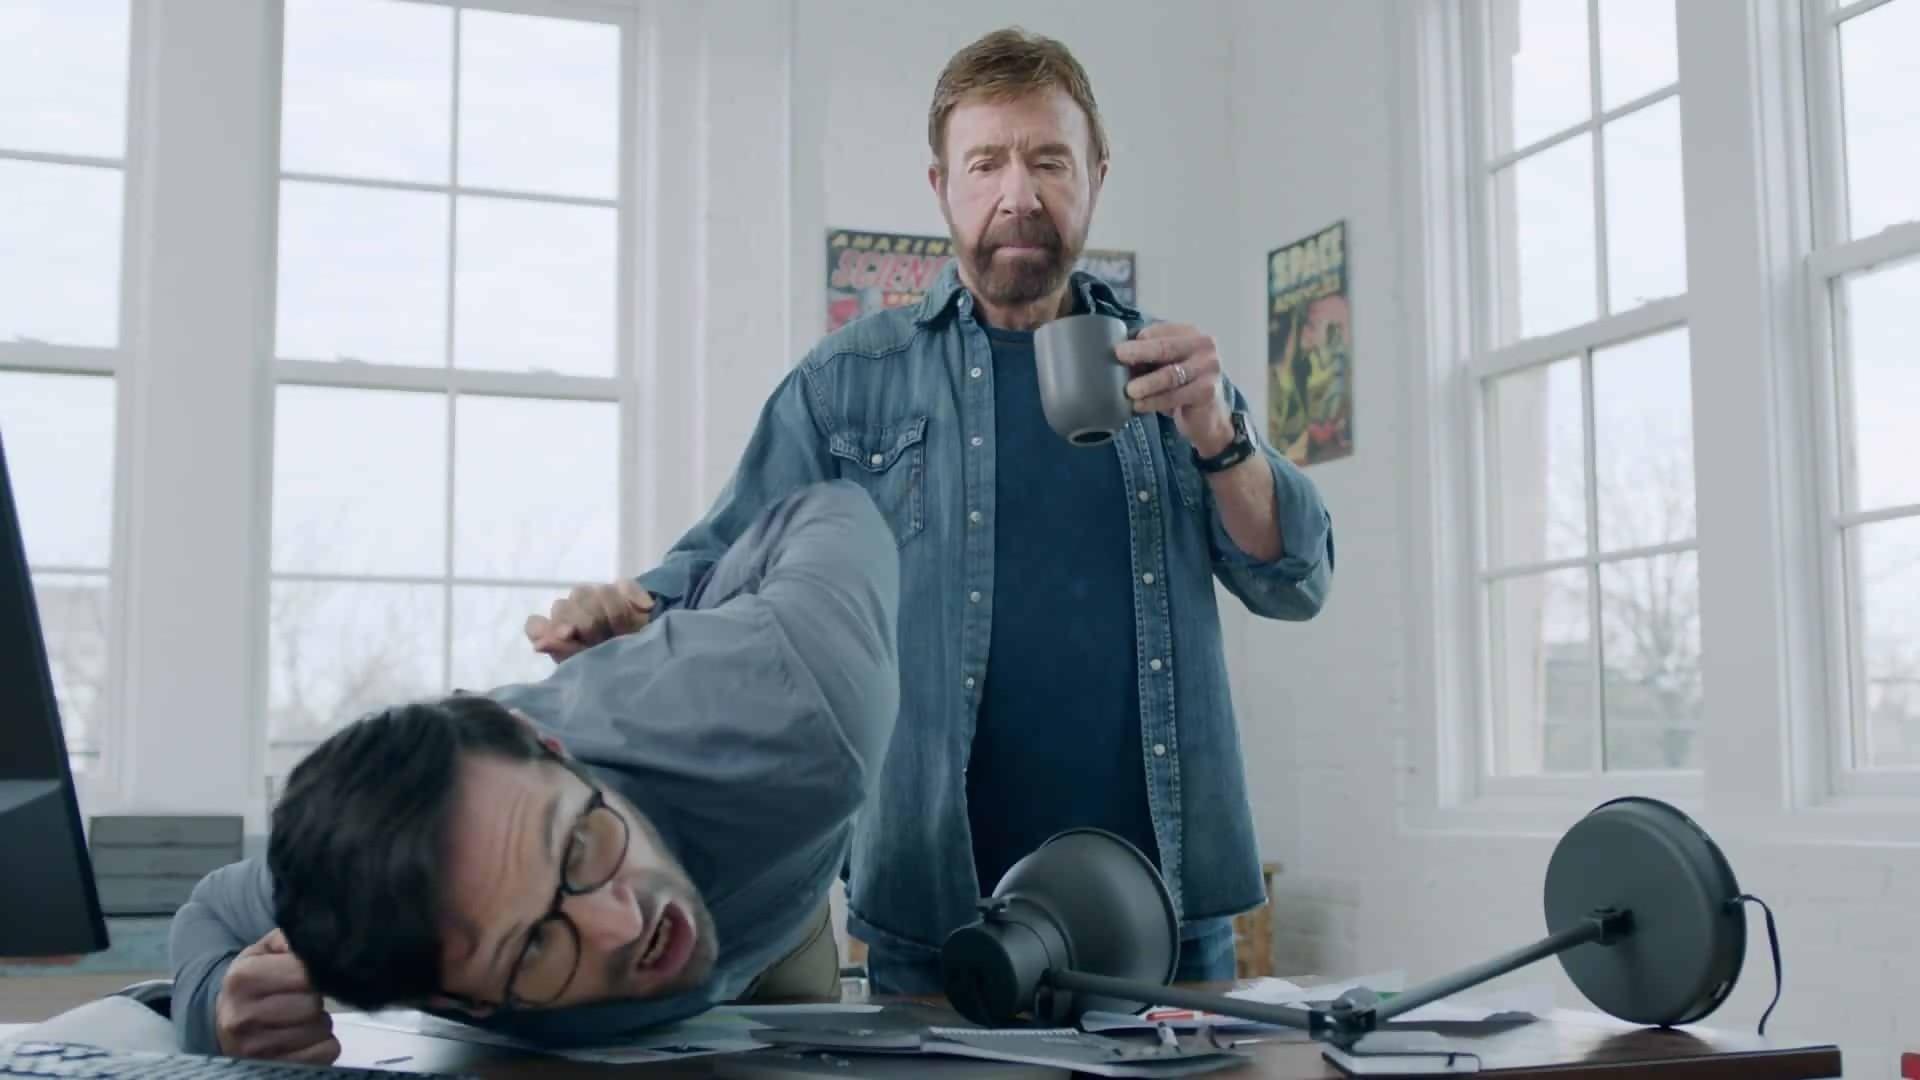 Le jeu Chuck Norris est disponible sur iPhone